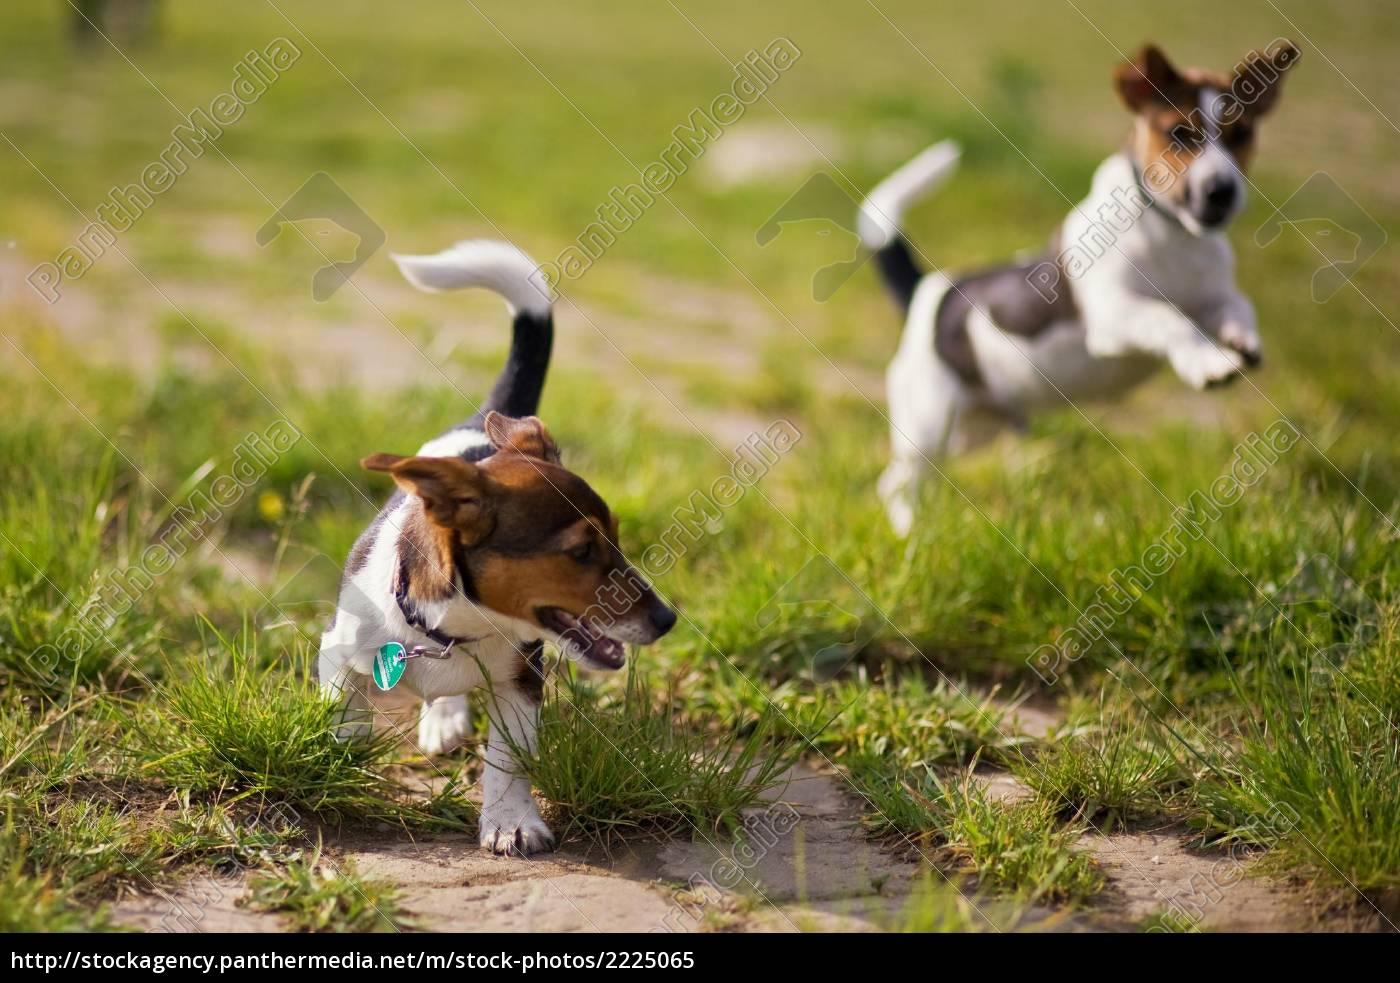 afspilning, af, hunde - 2225065